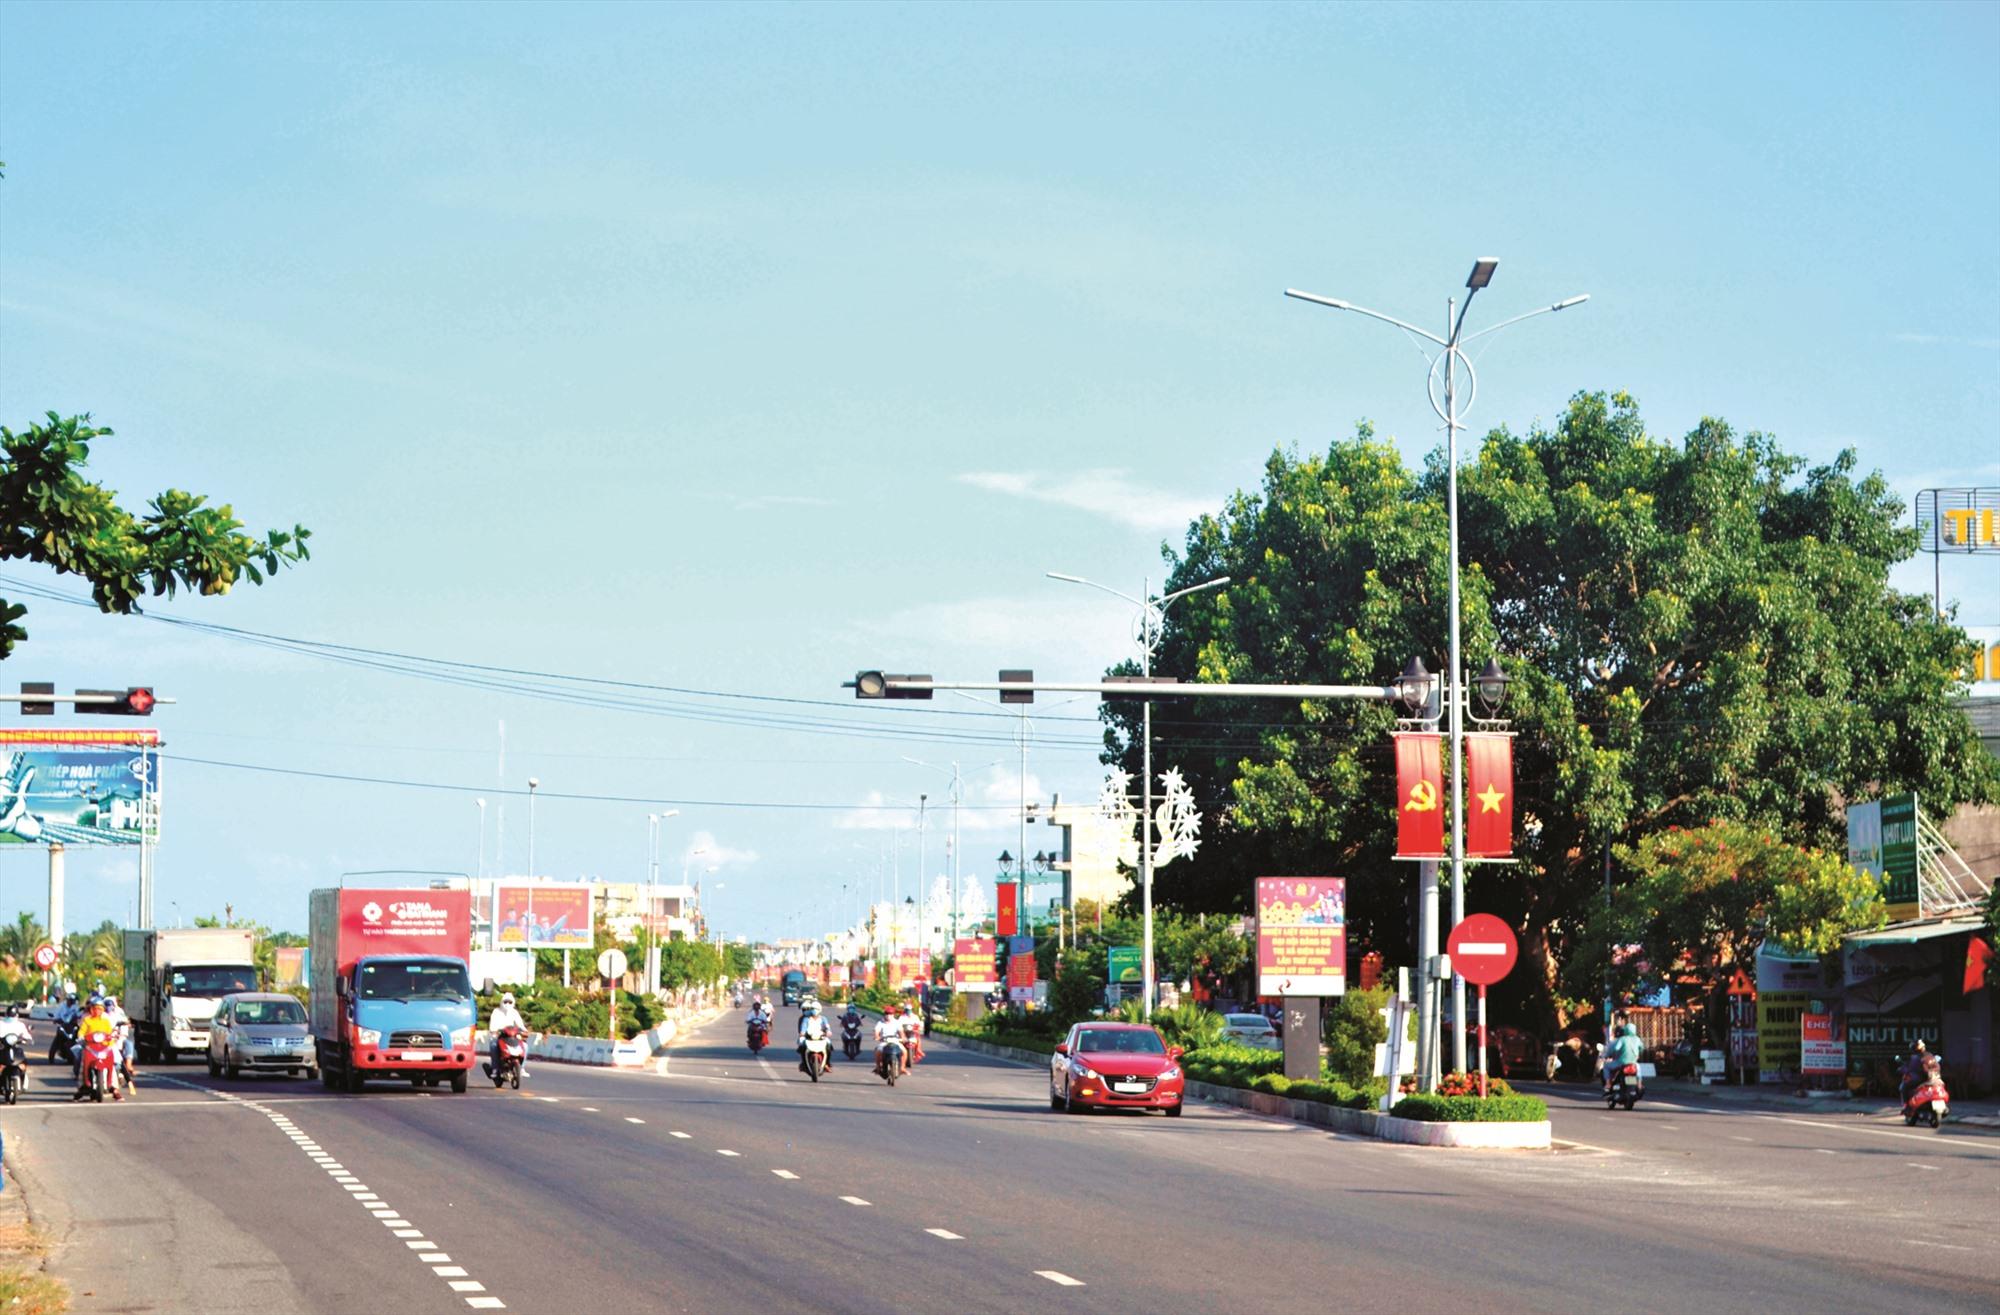 Đường trục chính vào trung tâm thị xã Điện Bàn được đầu tư mở rộng khang trang, hiện đại. Ảnh: T.C.T